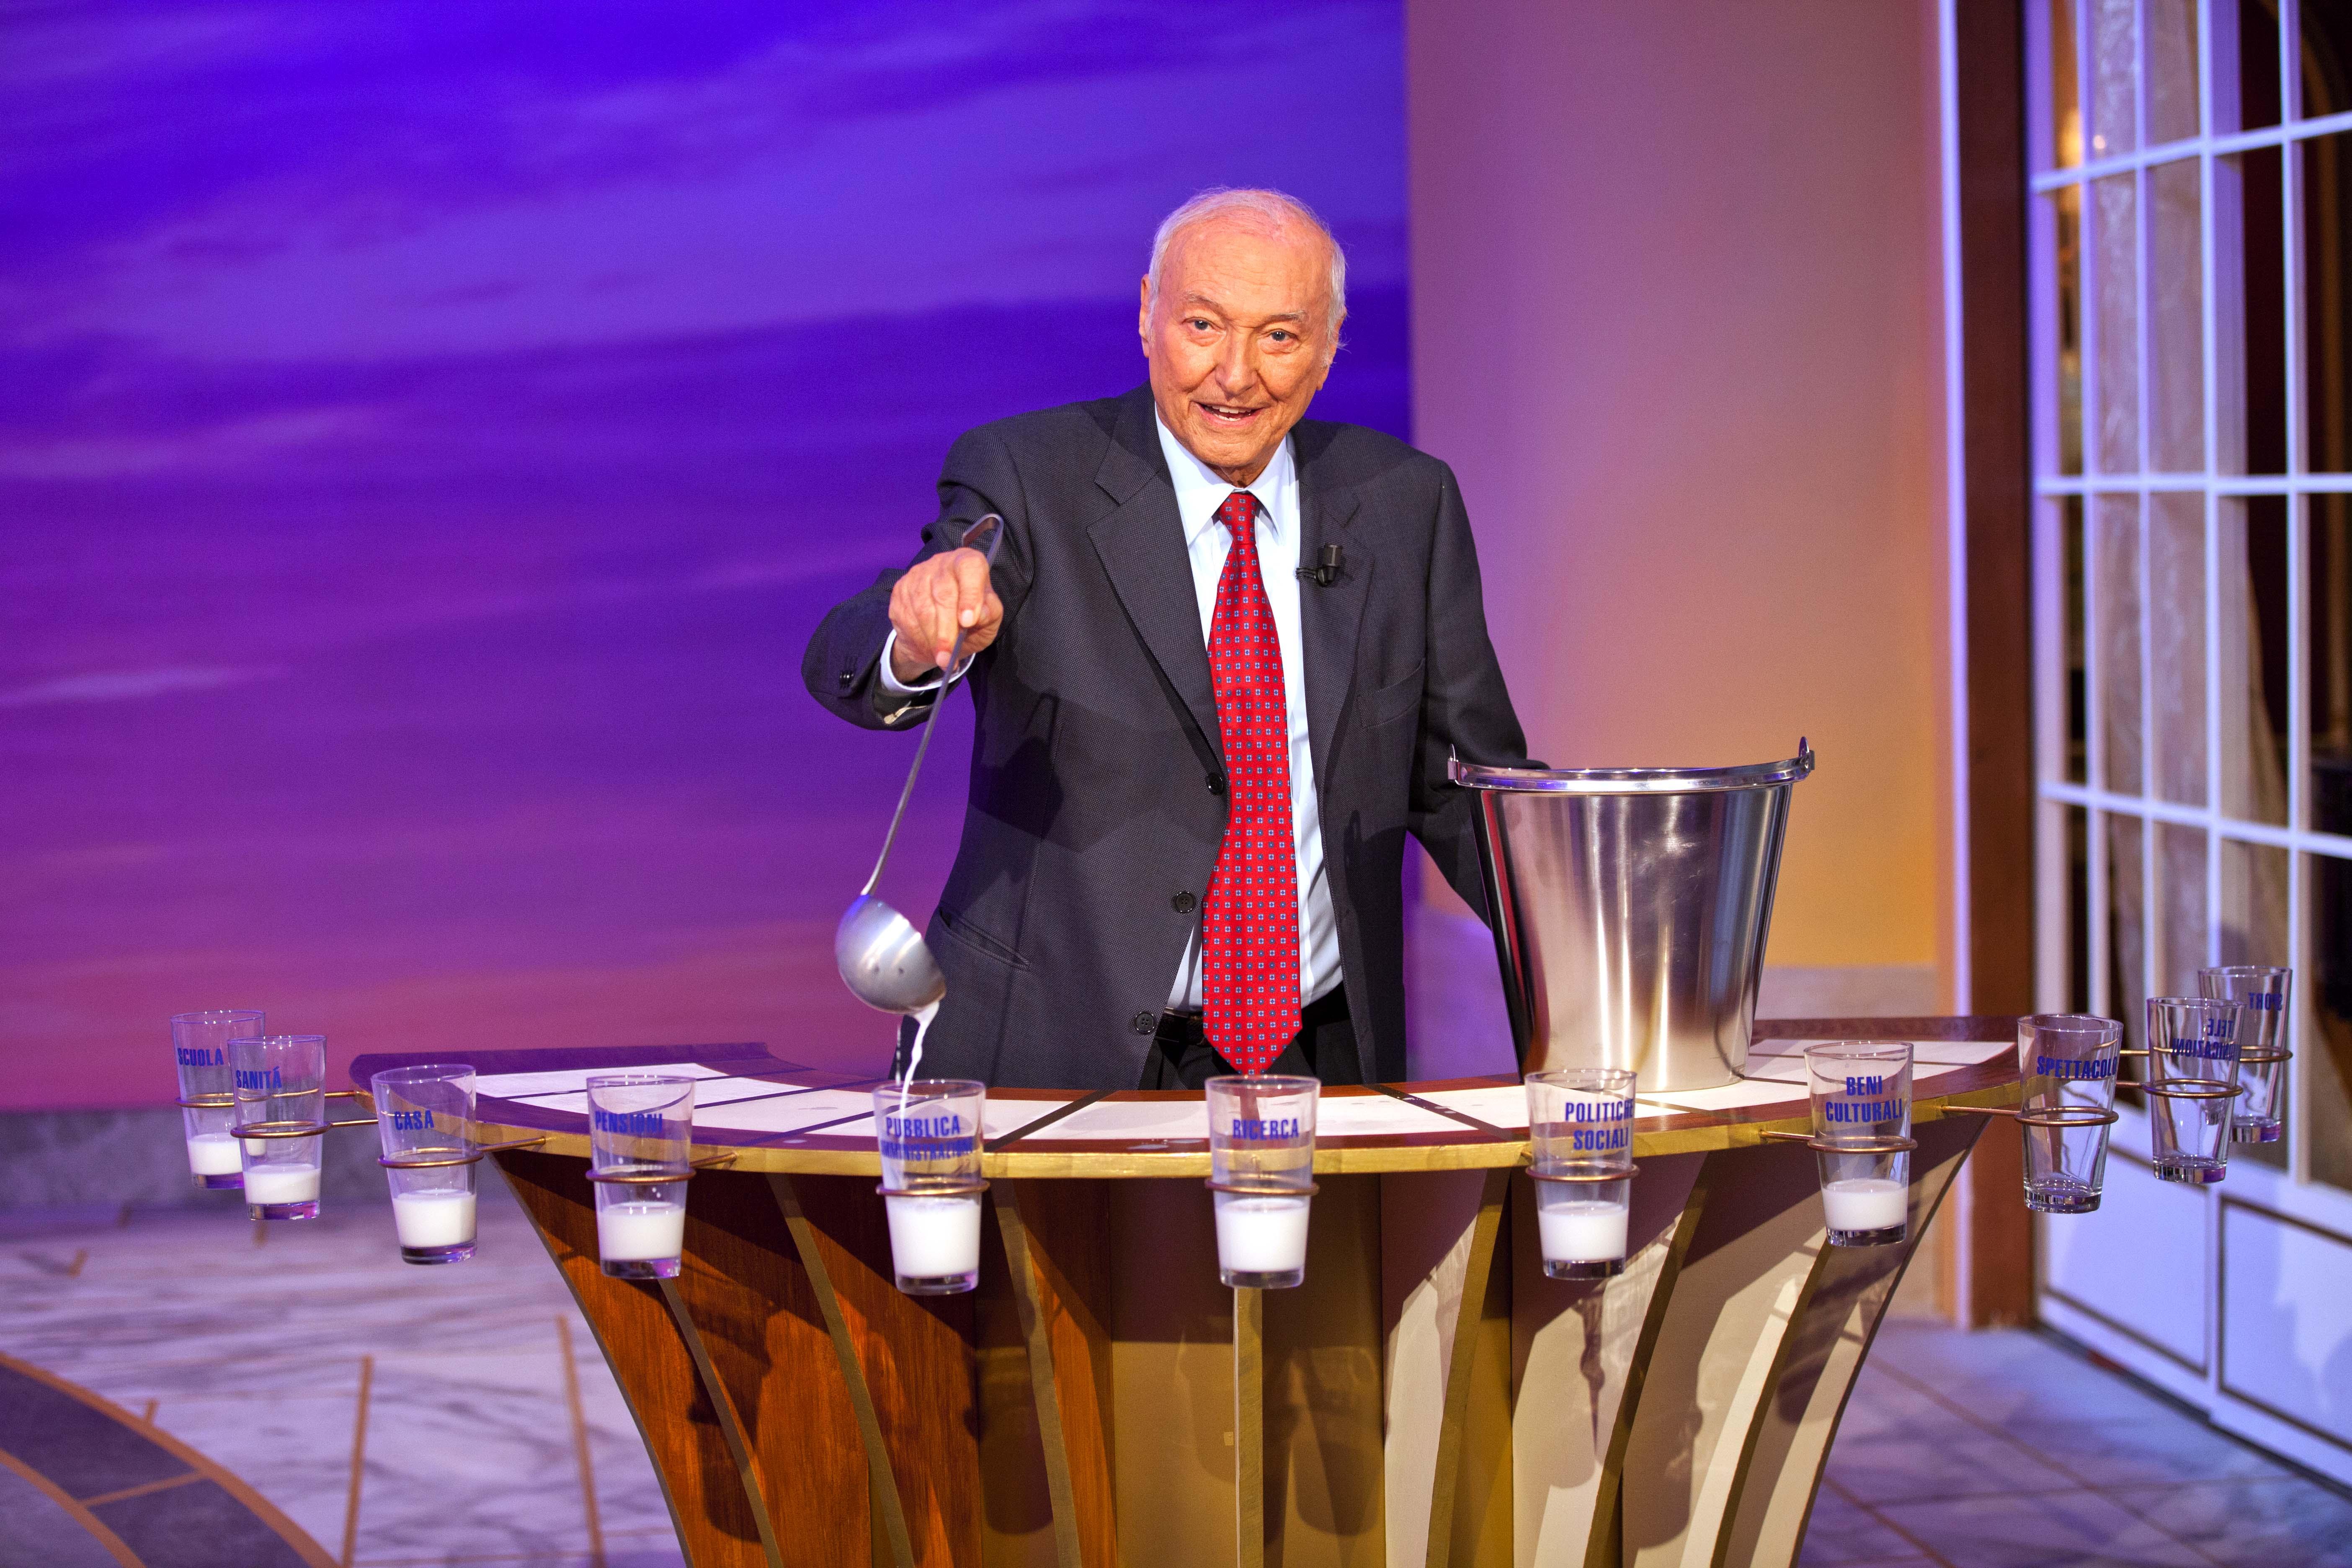 Ascolti Tv, 7 dicembre 2012: I Cesaroni 5 a 4 mln; Speciale SuperQuark a 3 mln; Quarto Grado a 2,4 mln